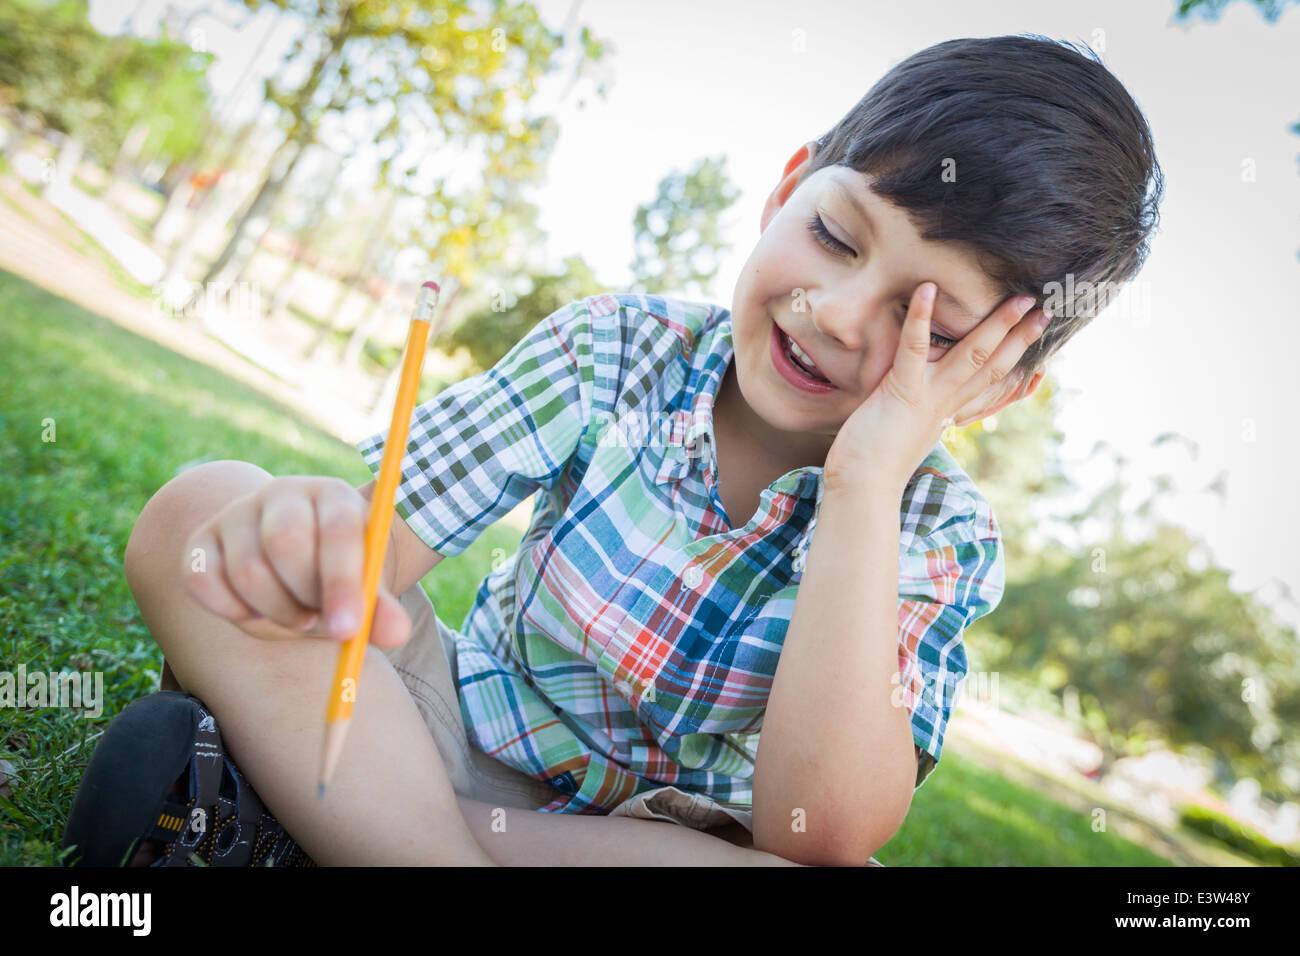 Frustrado muchacho lindo manteniendo el lápiz sobre el césped para sentarse al aire libre. Imagen De Stock